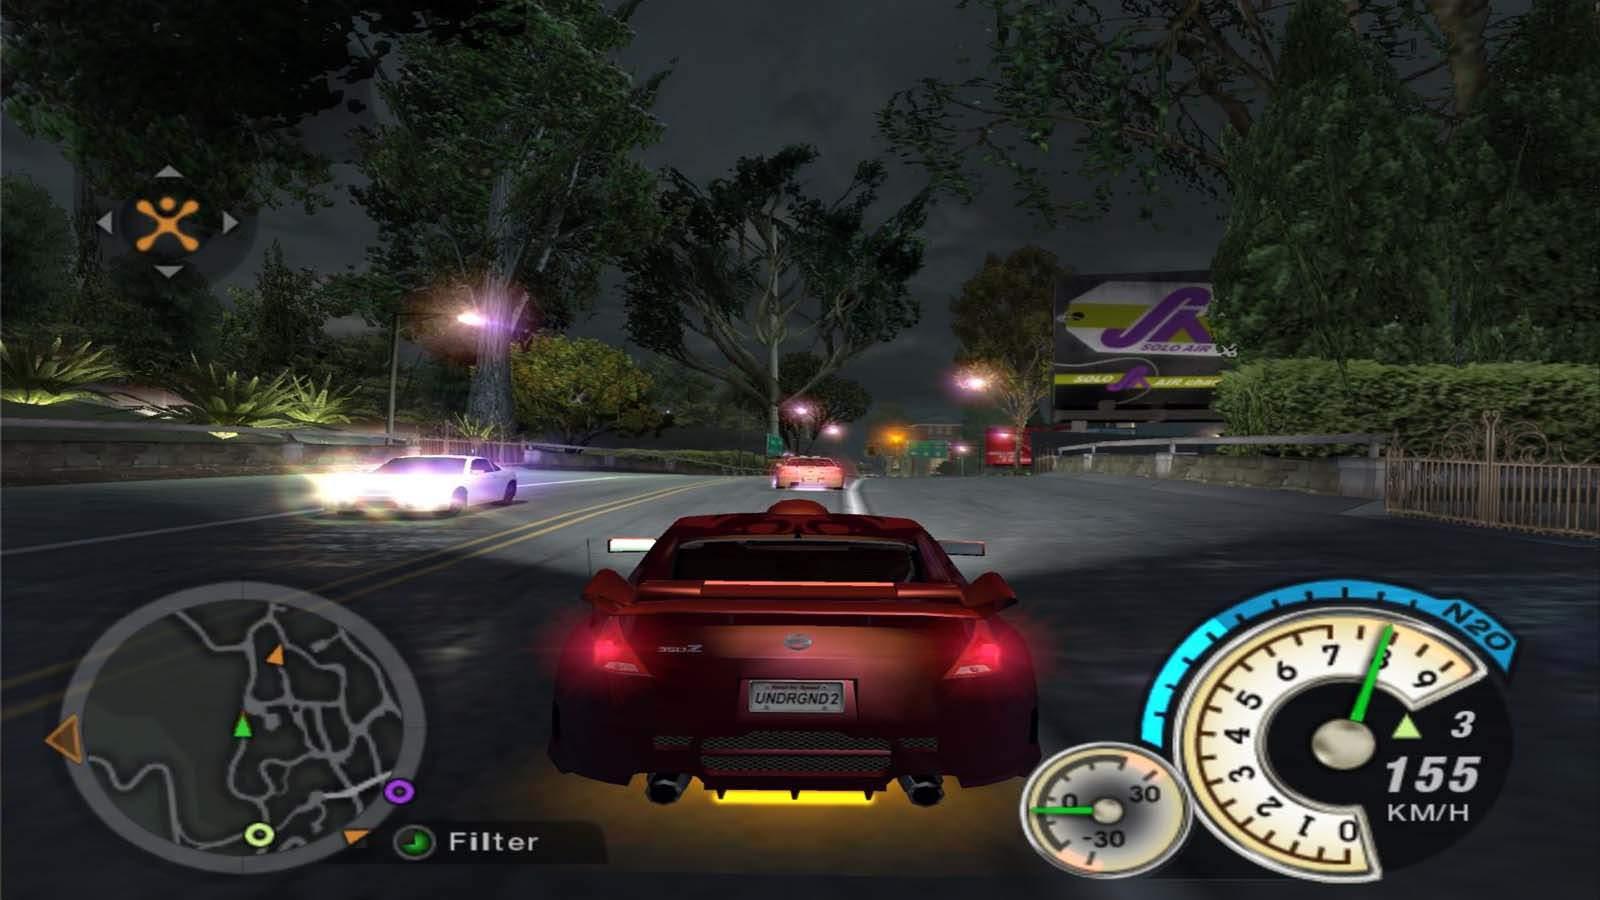 تحميل لعبة Need For Speed Underground 2 مضغوطة برابط واحد مباشر كاملة مجانا